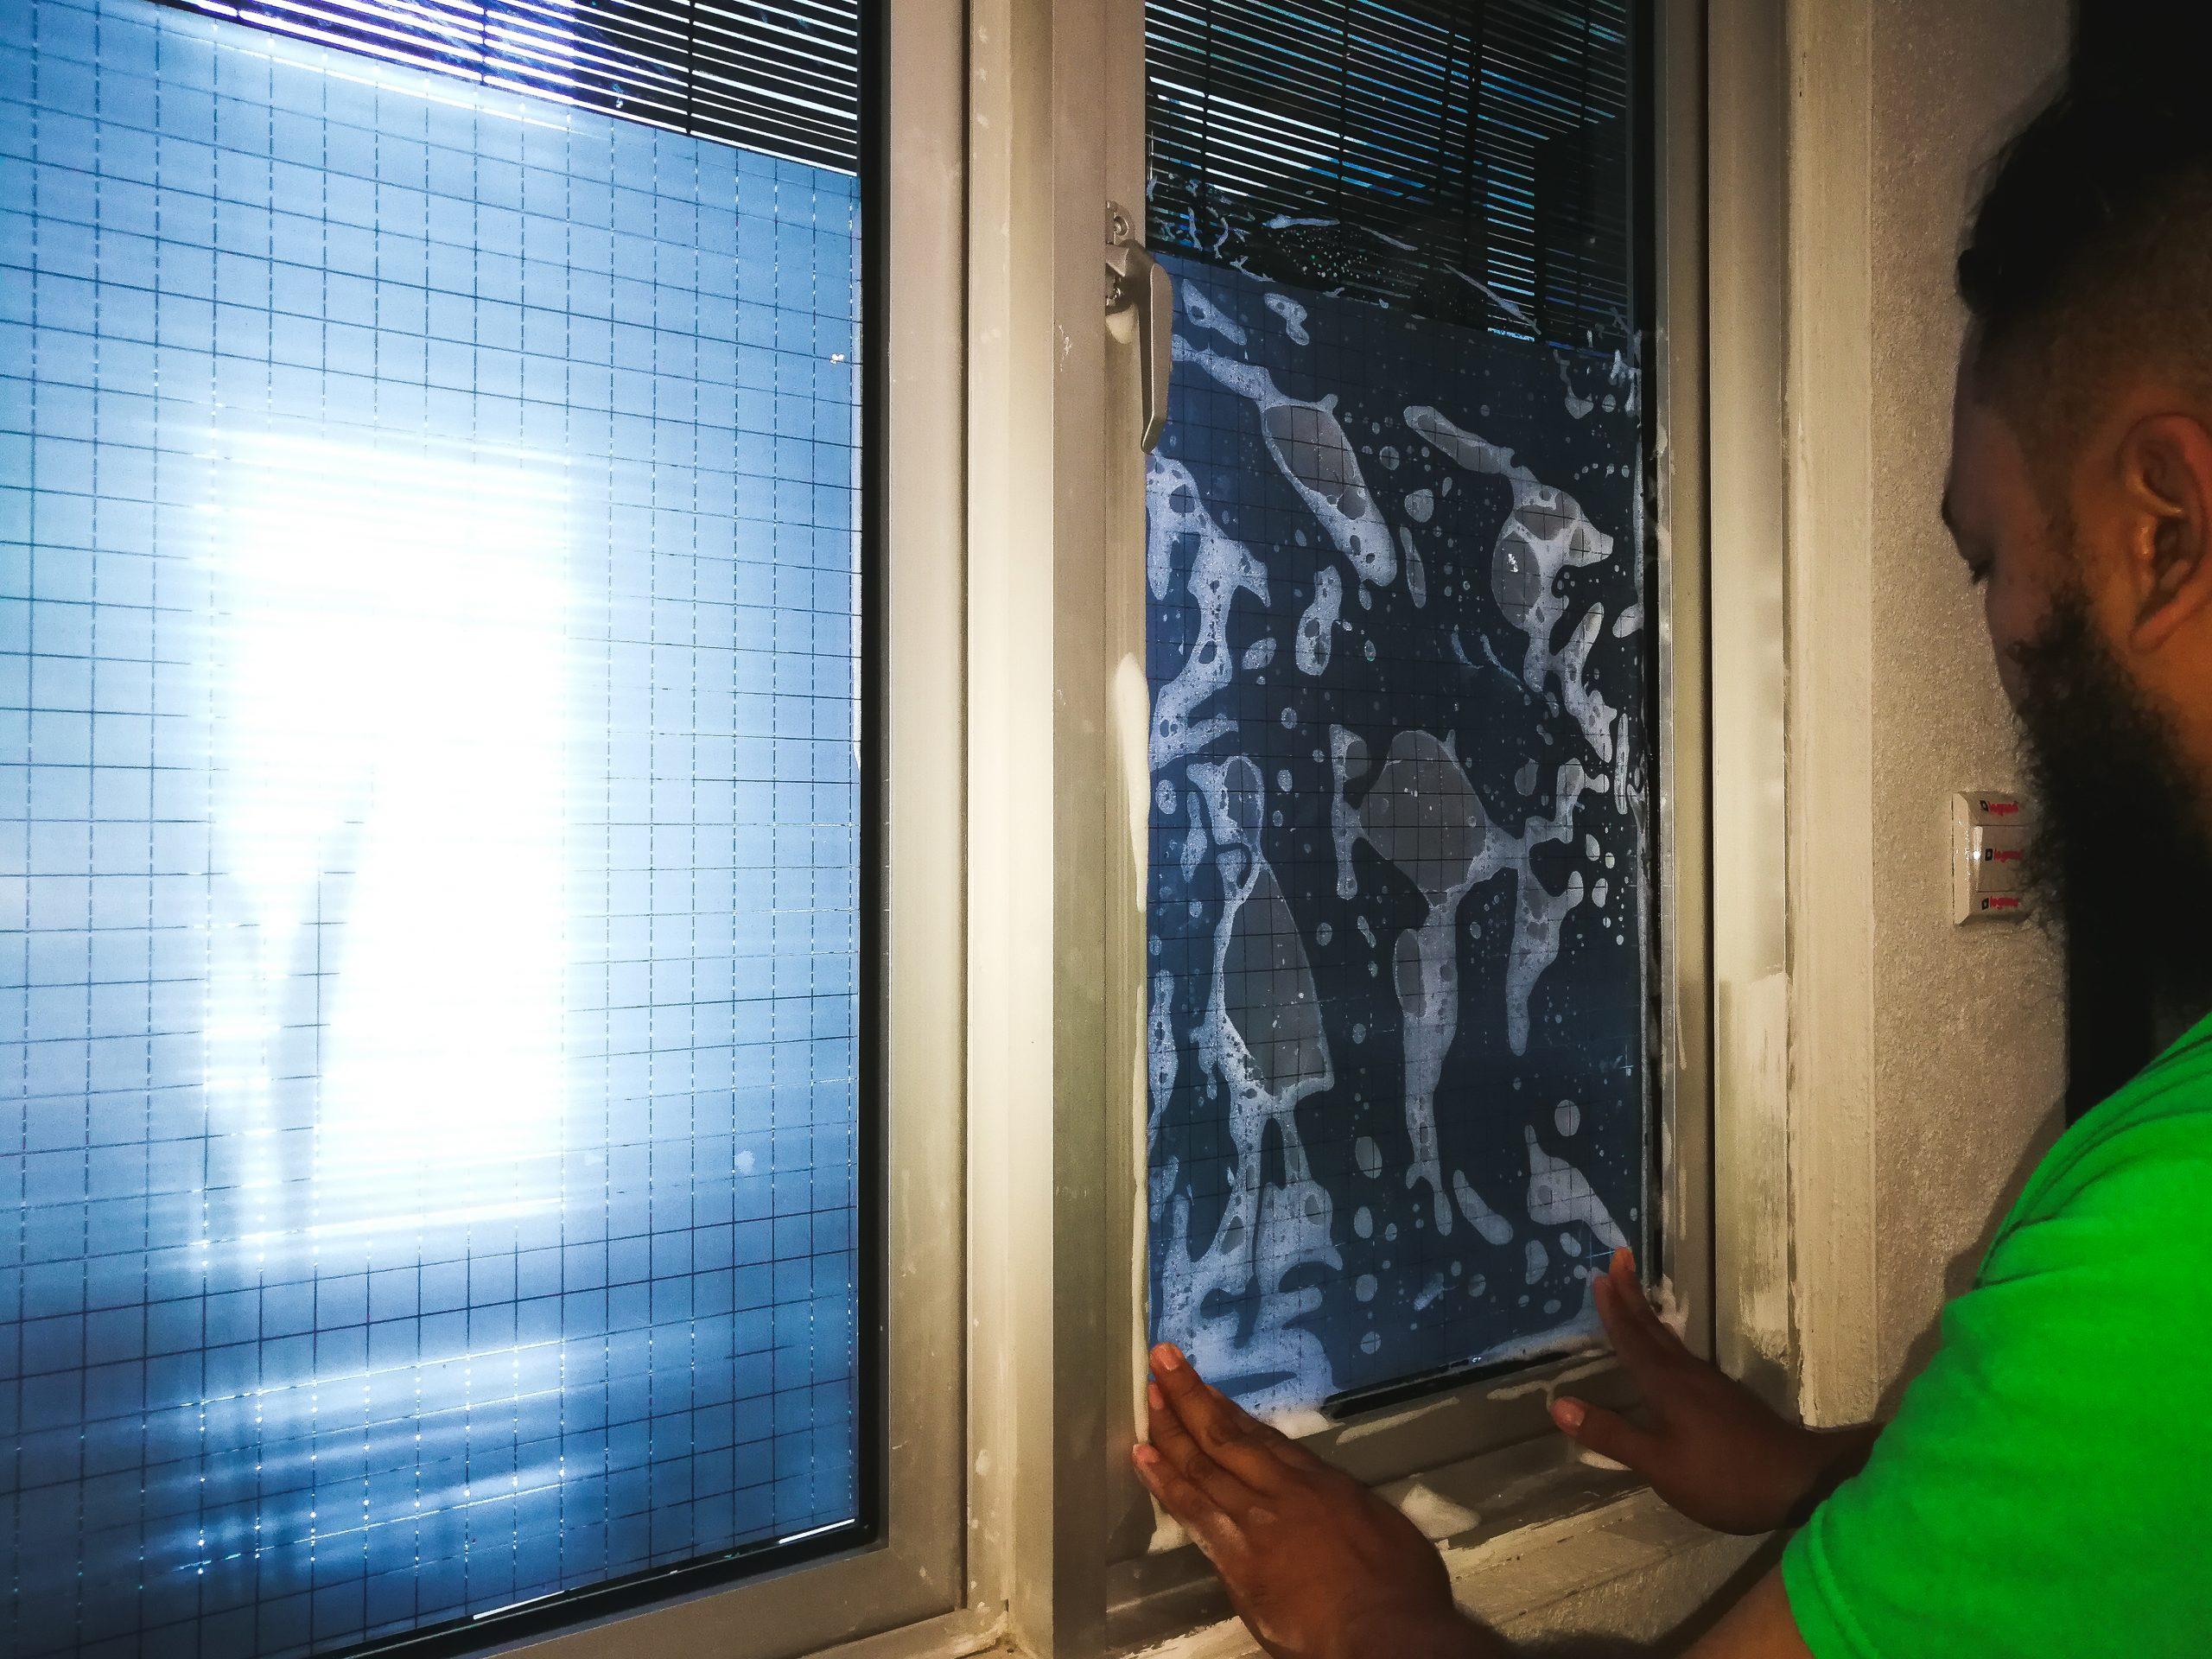 Fensterfolien können auch dem Einbruchschutz dienen.